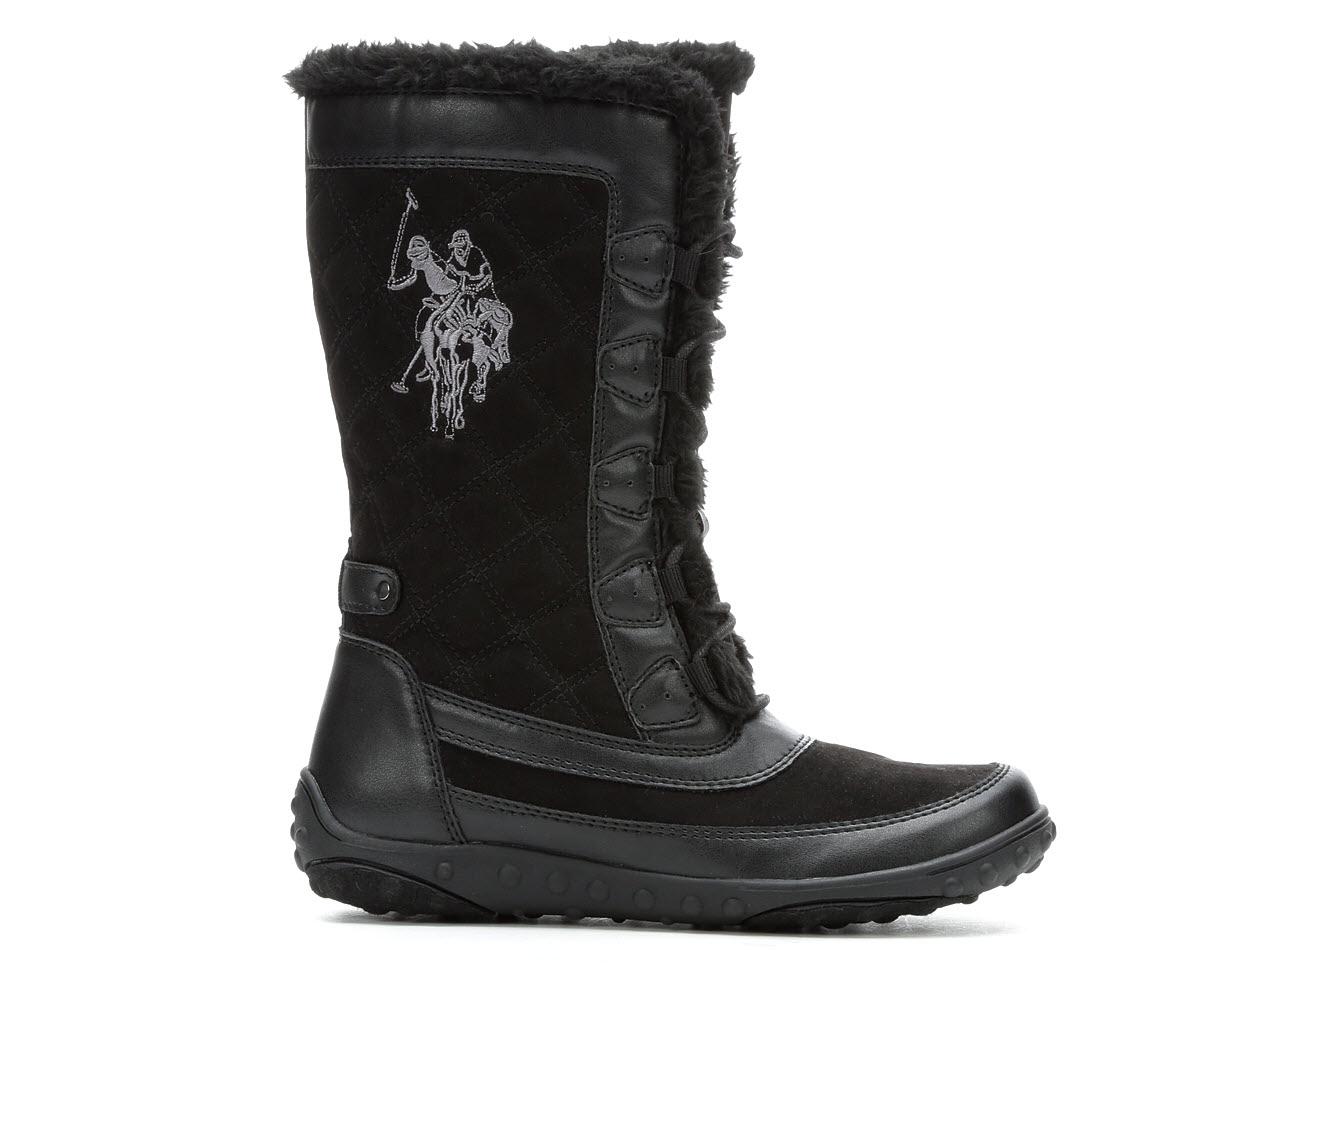 US Polo Assn Caribou Women's Boot (Black Canvas)